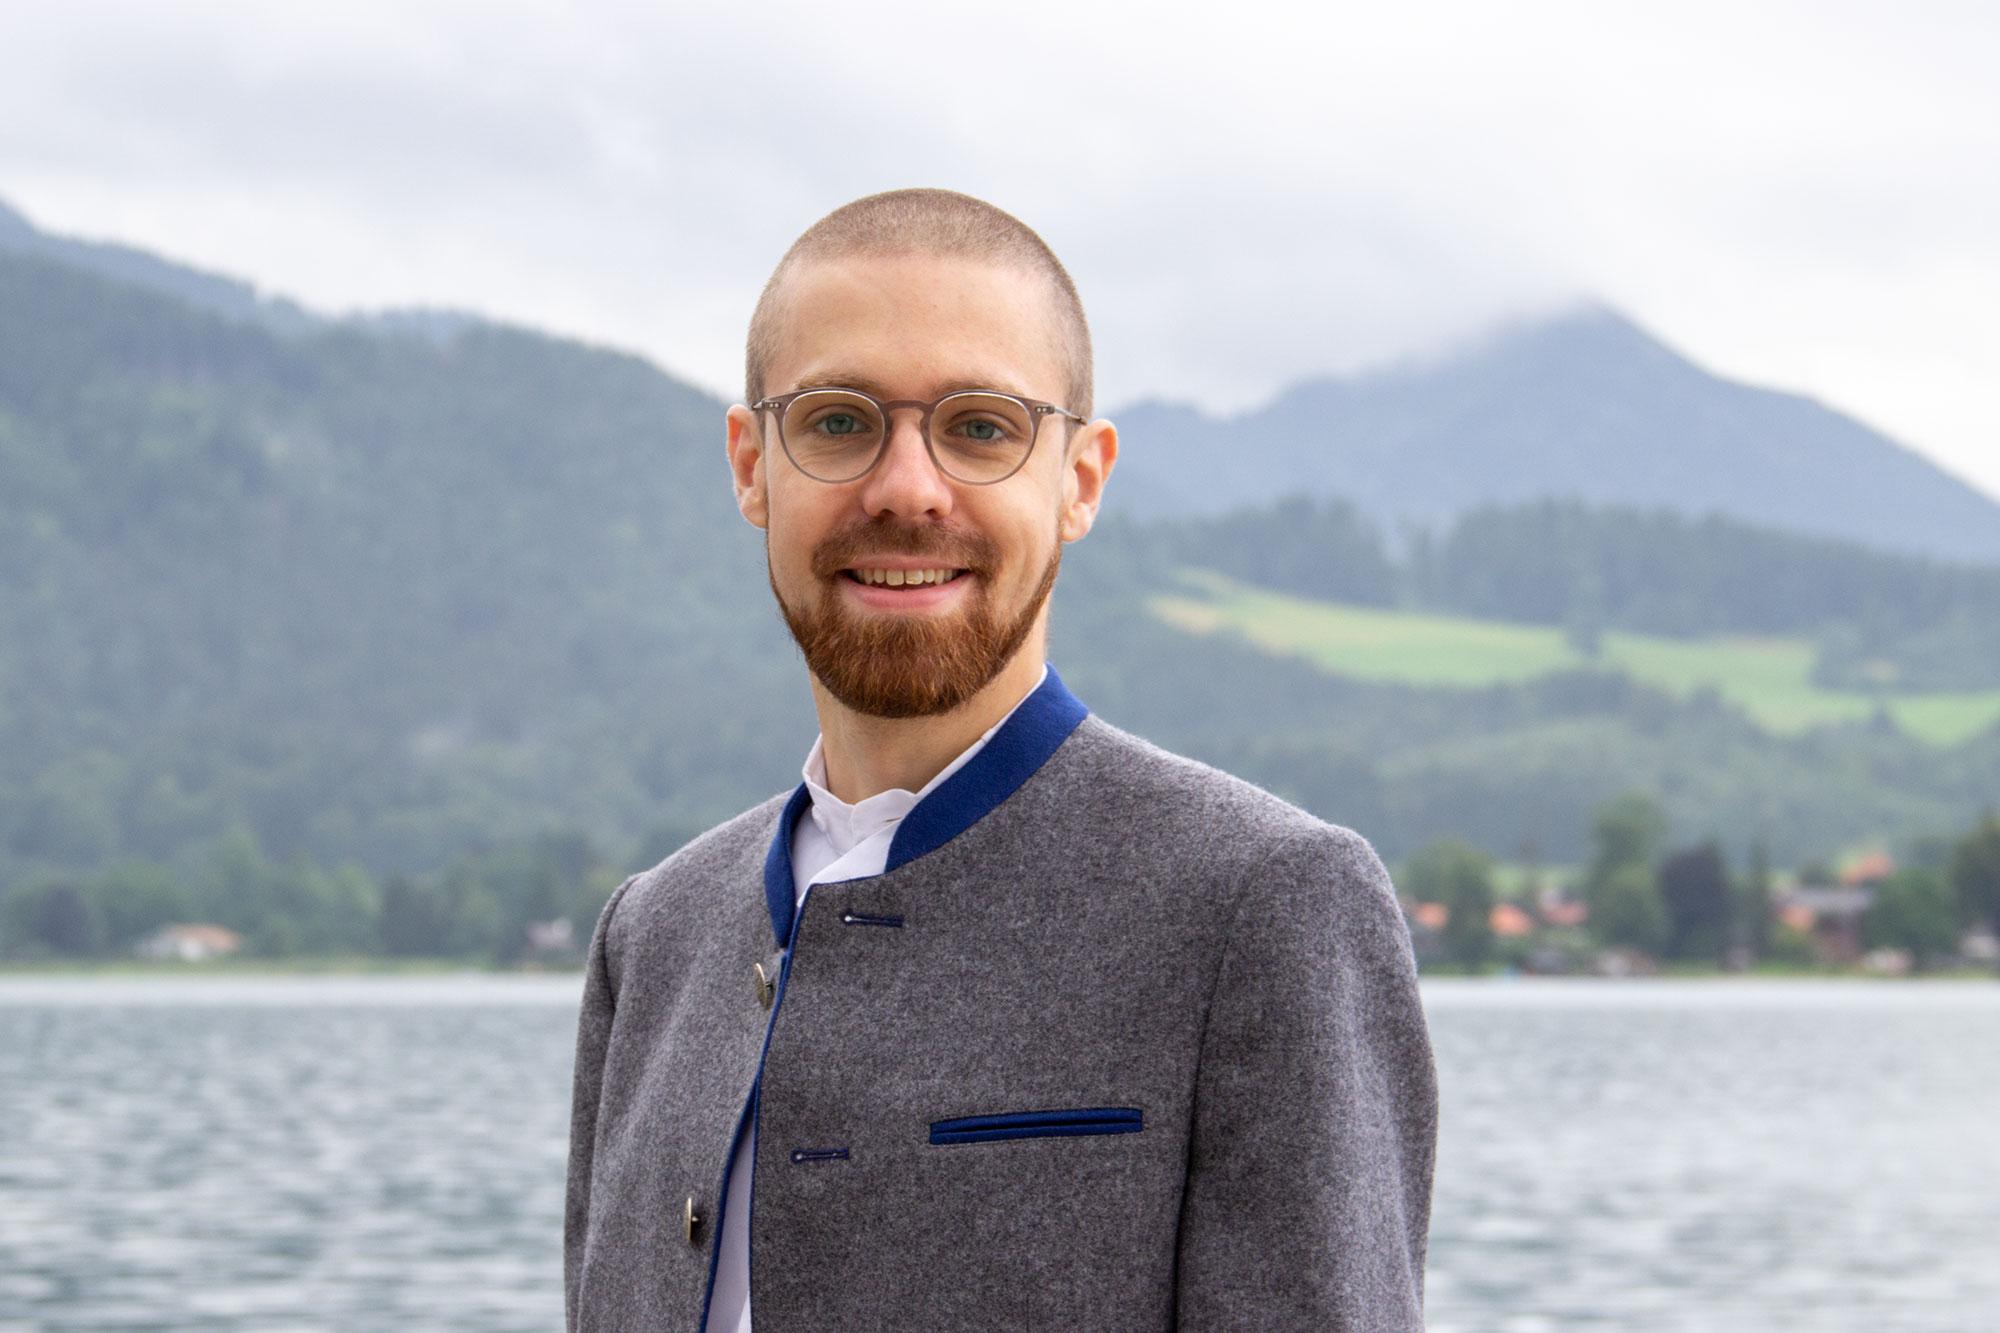 Timm Jelitschek